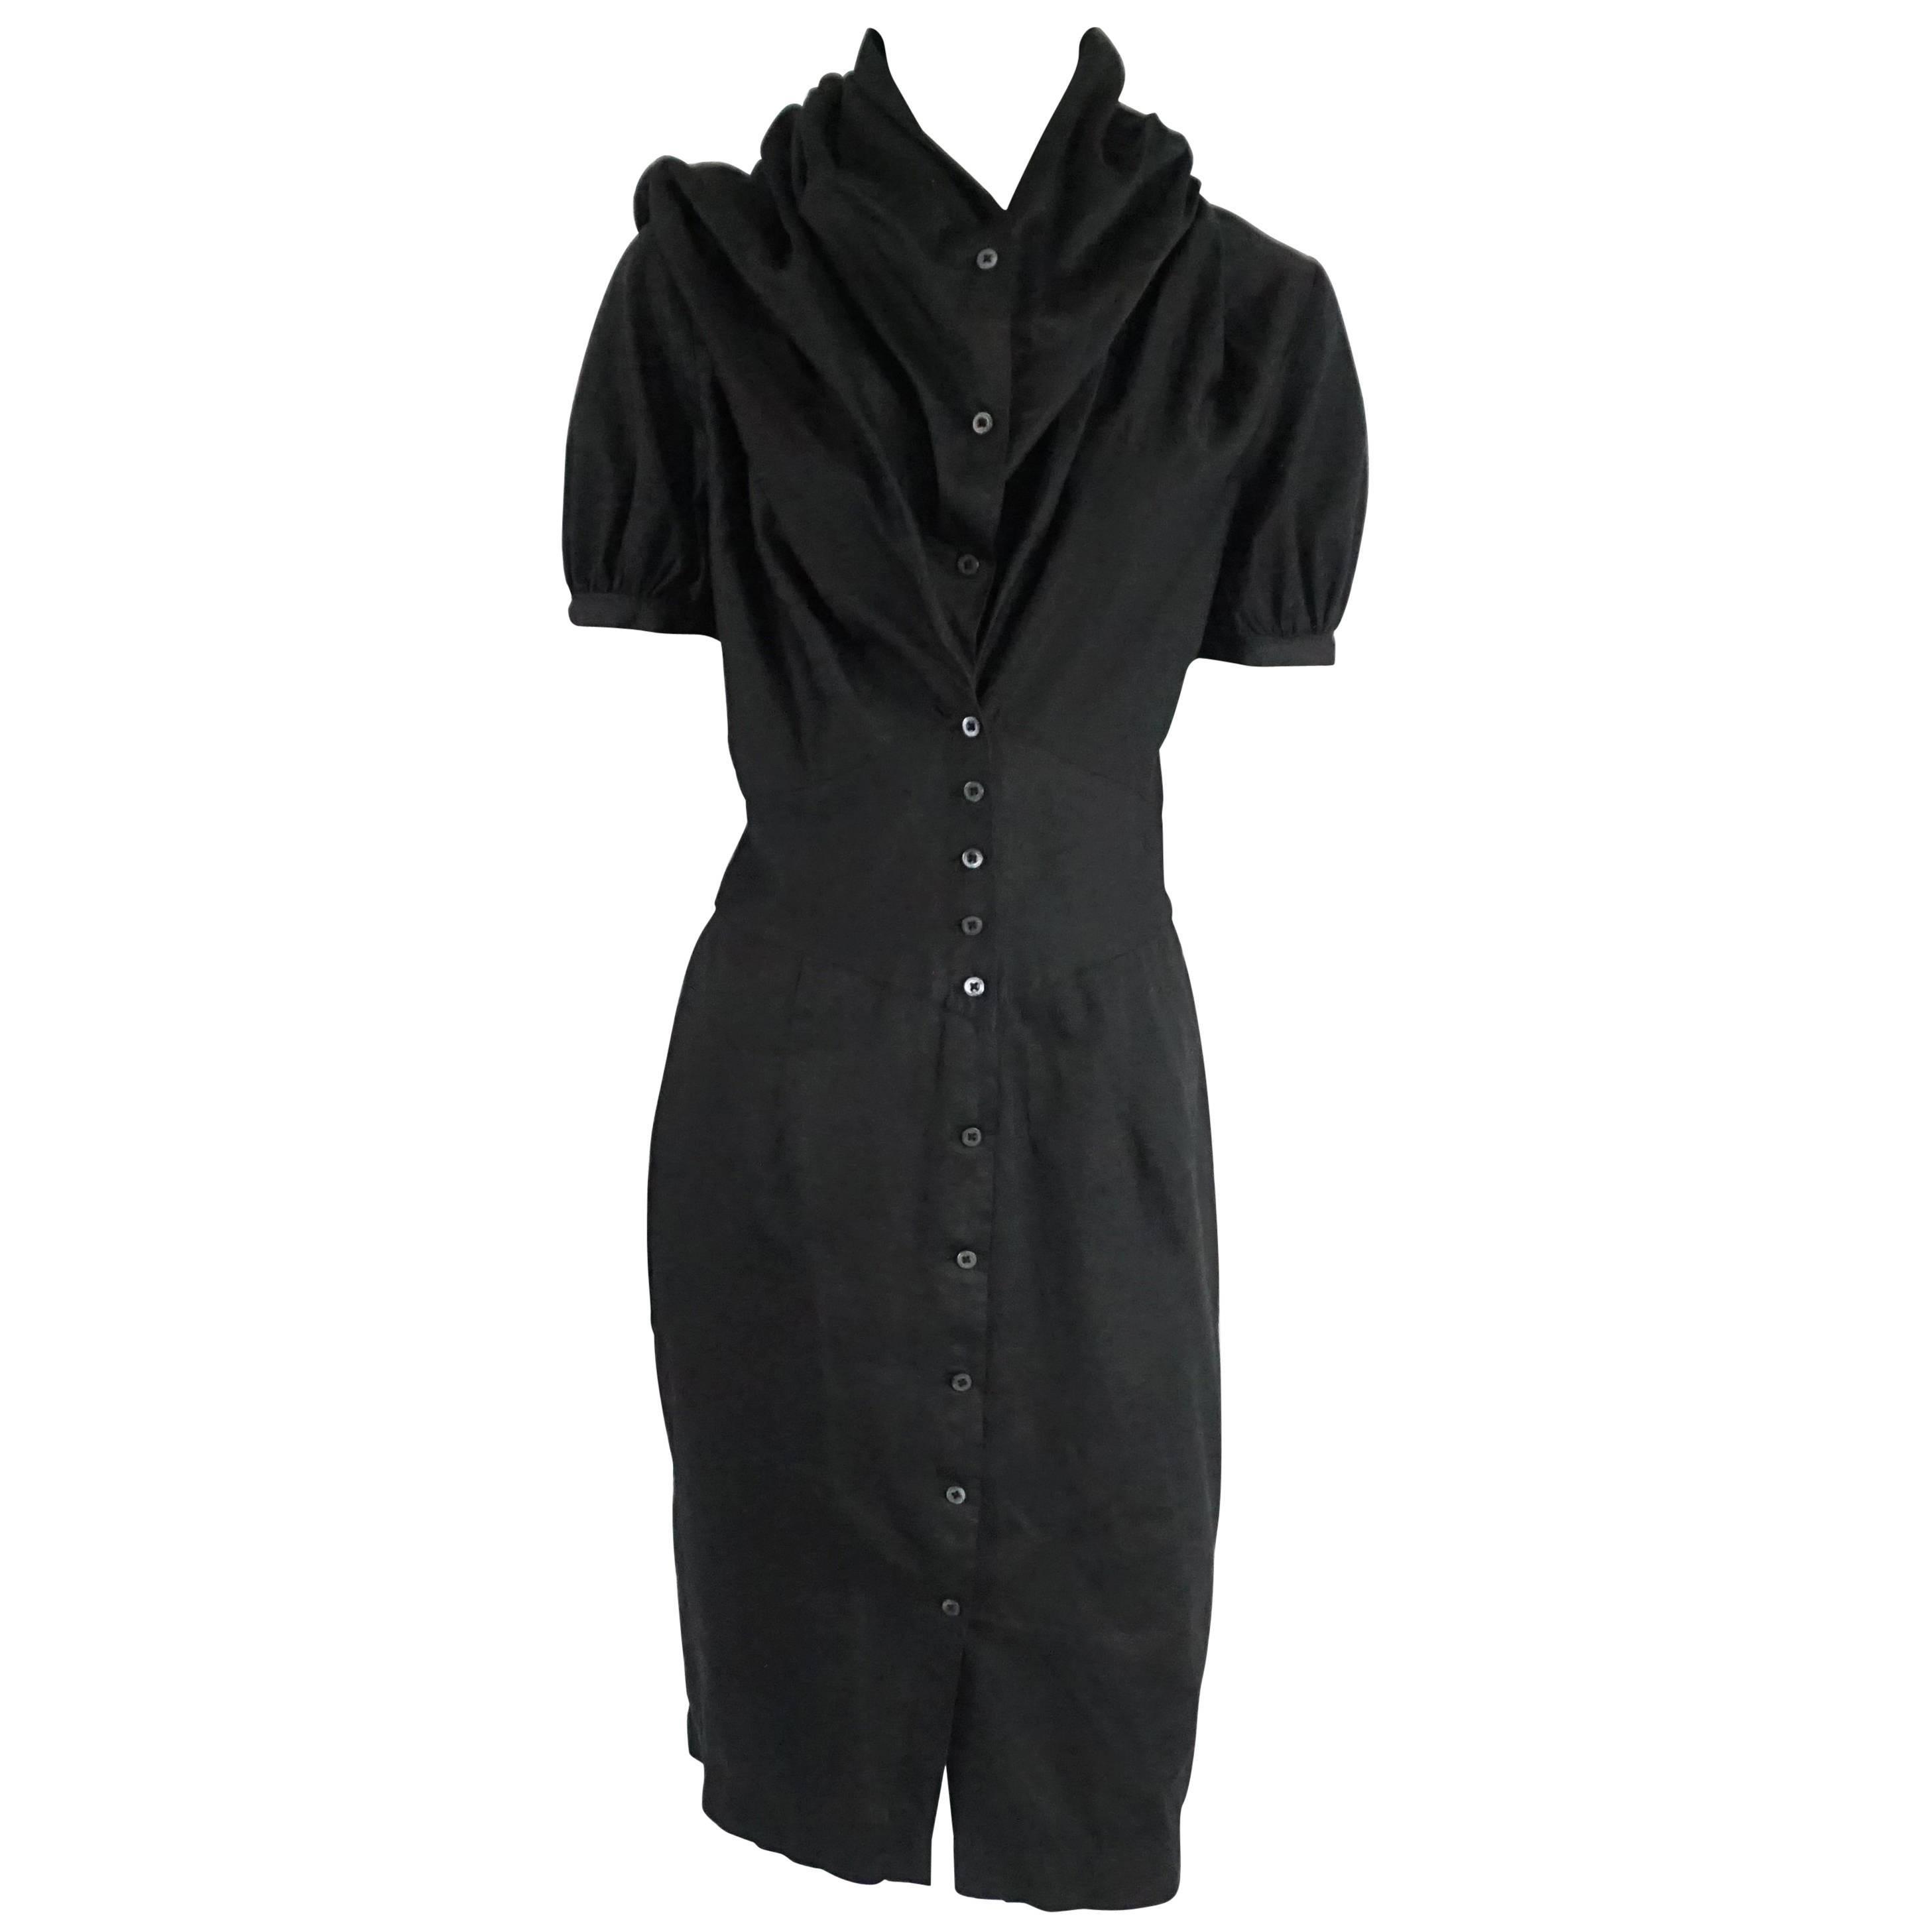 Vivienne Westwood Black Button Down Cotton Dress - 42